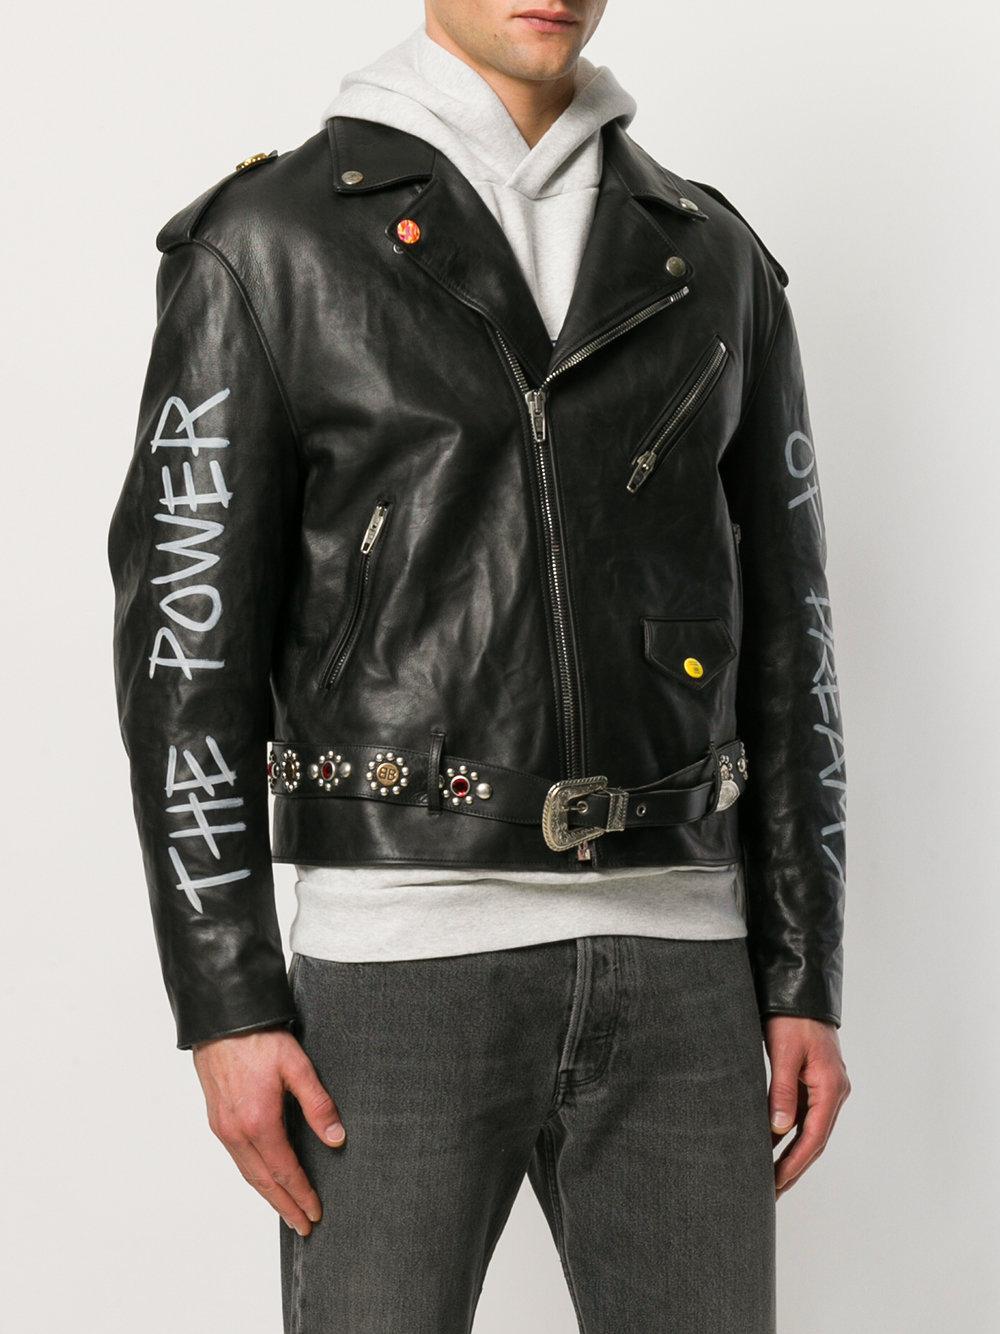 Moto Coloris Veste Balenciaga De Pour Homme Personalized En Noir Lyst EUqgpwAq